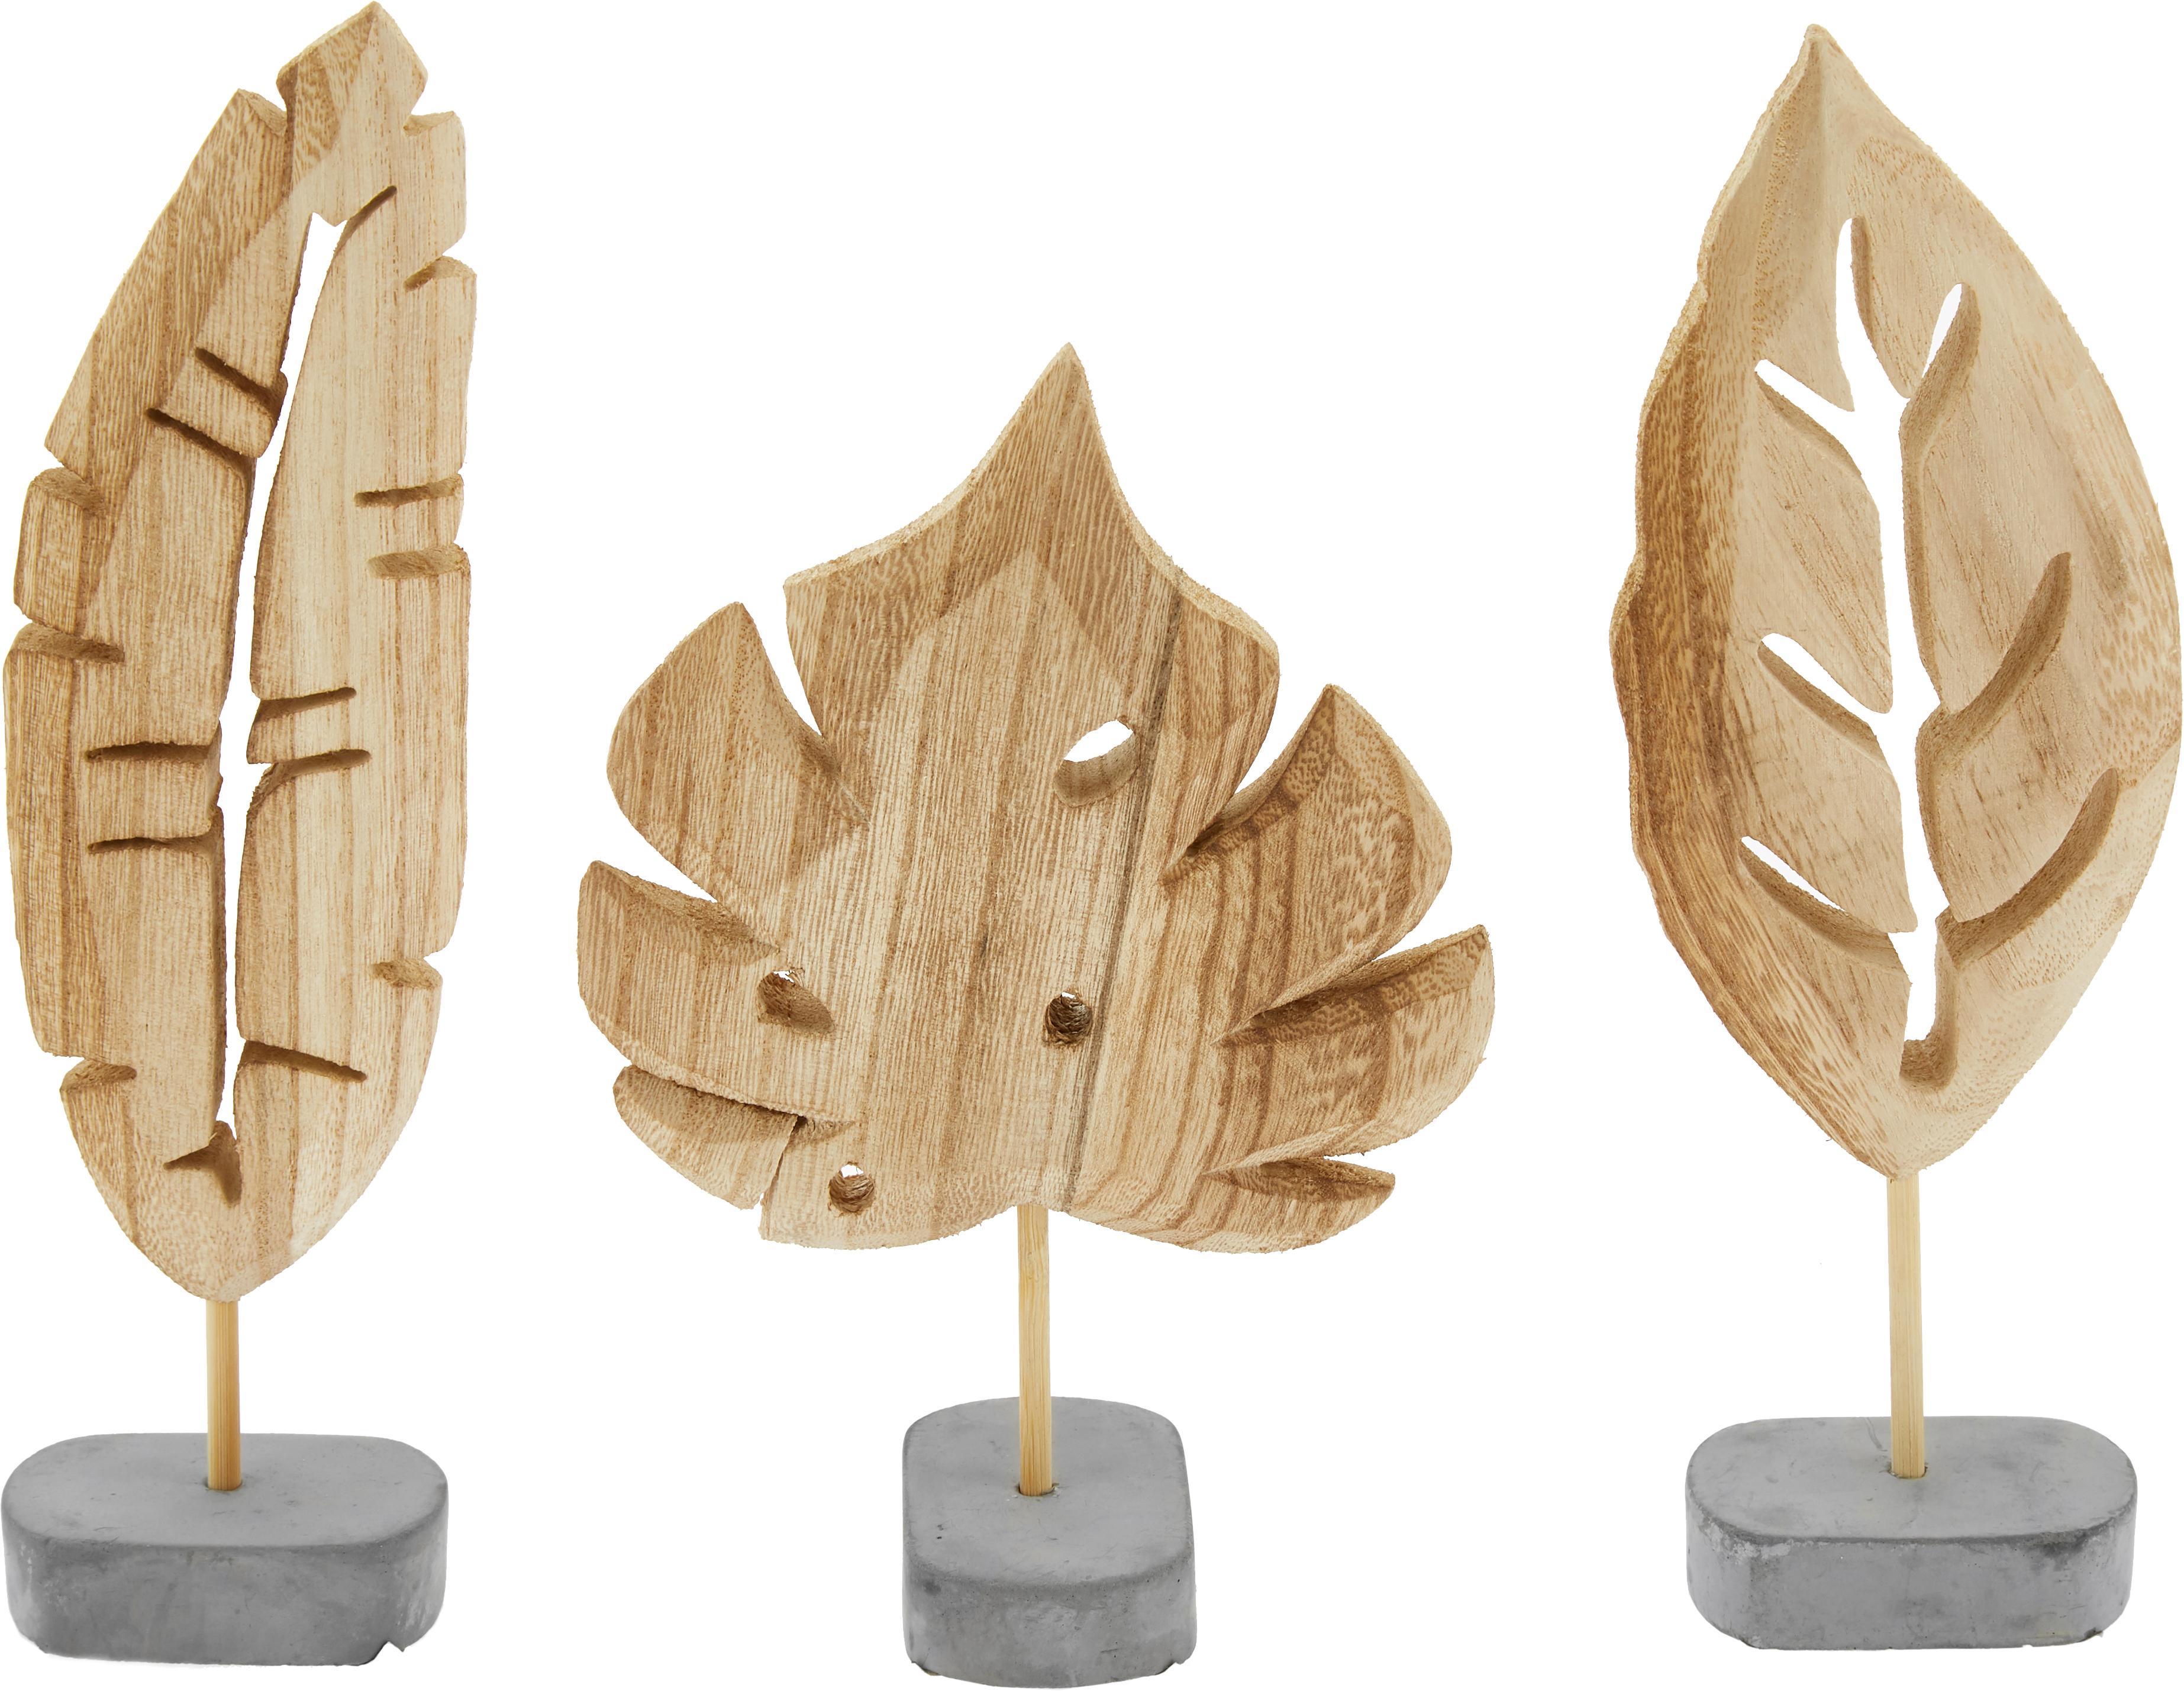 Decoratieve objectenset Blatt, 3-delig, Voetstuk: beton, Voetstuk: grijs. Decoratief object: paulowniahoutkleurig, Verschillende formaten